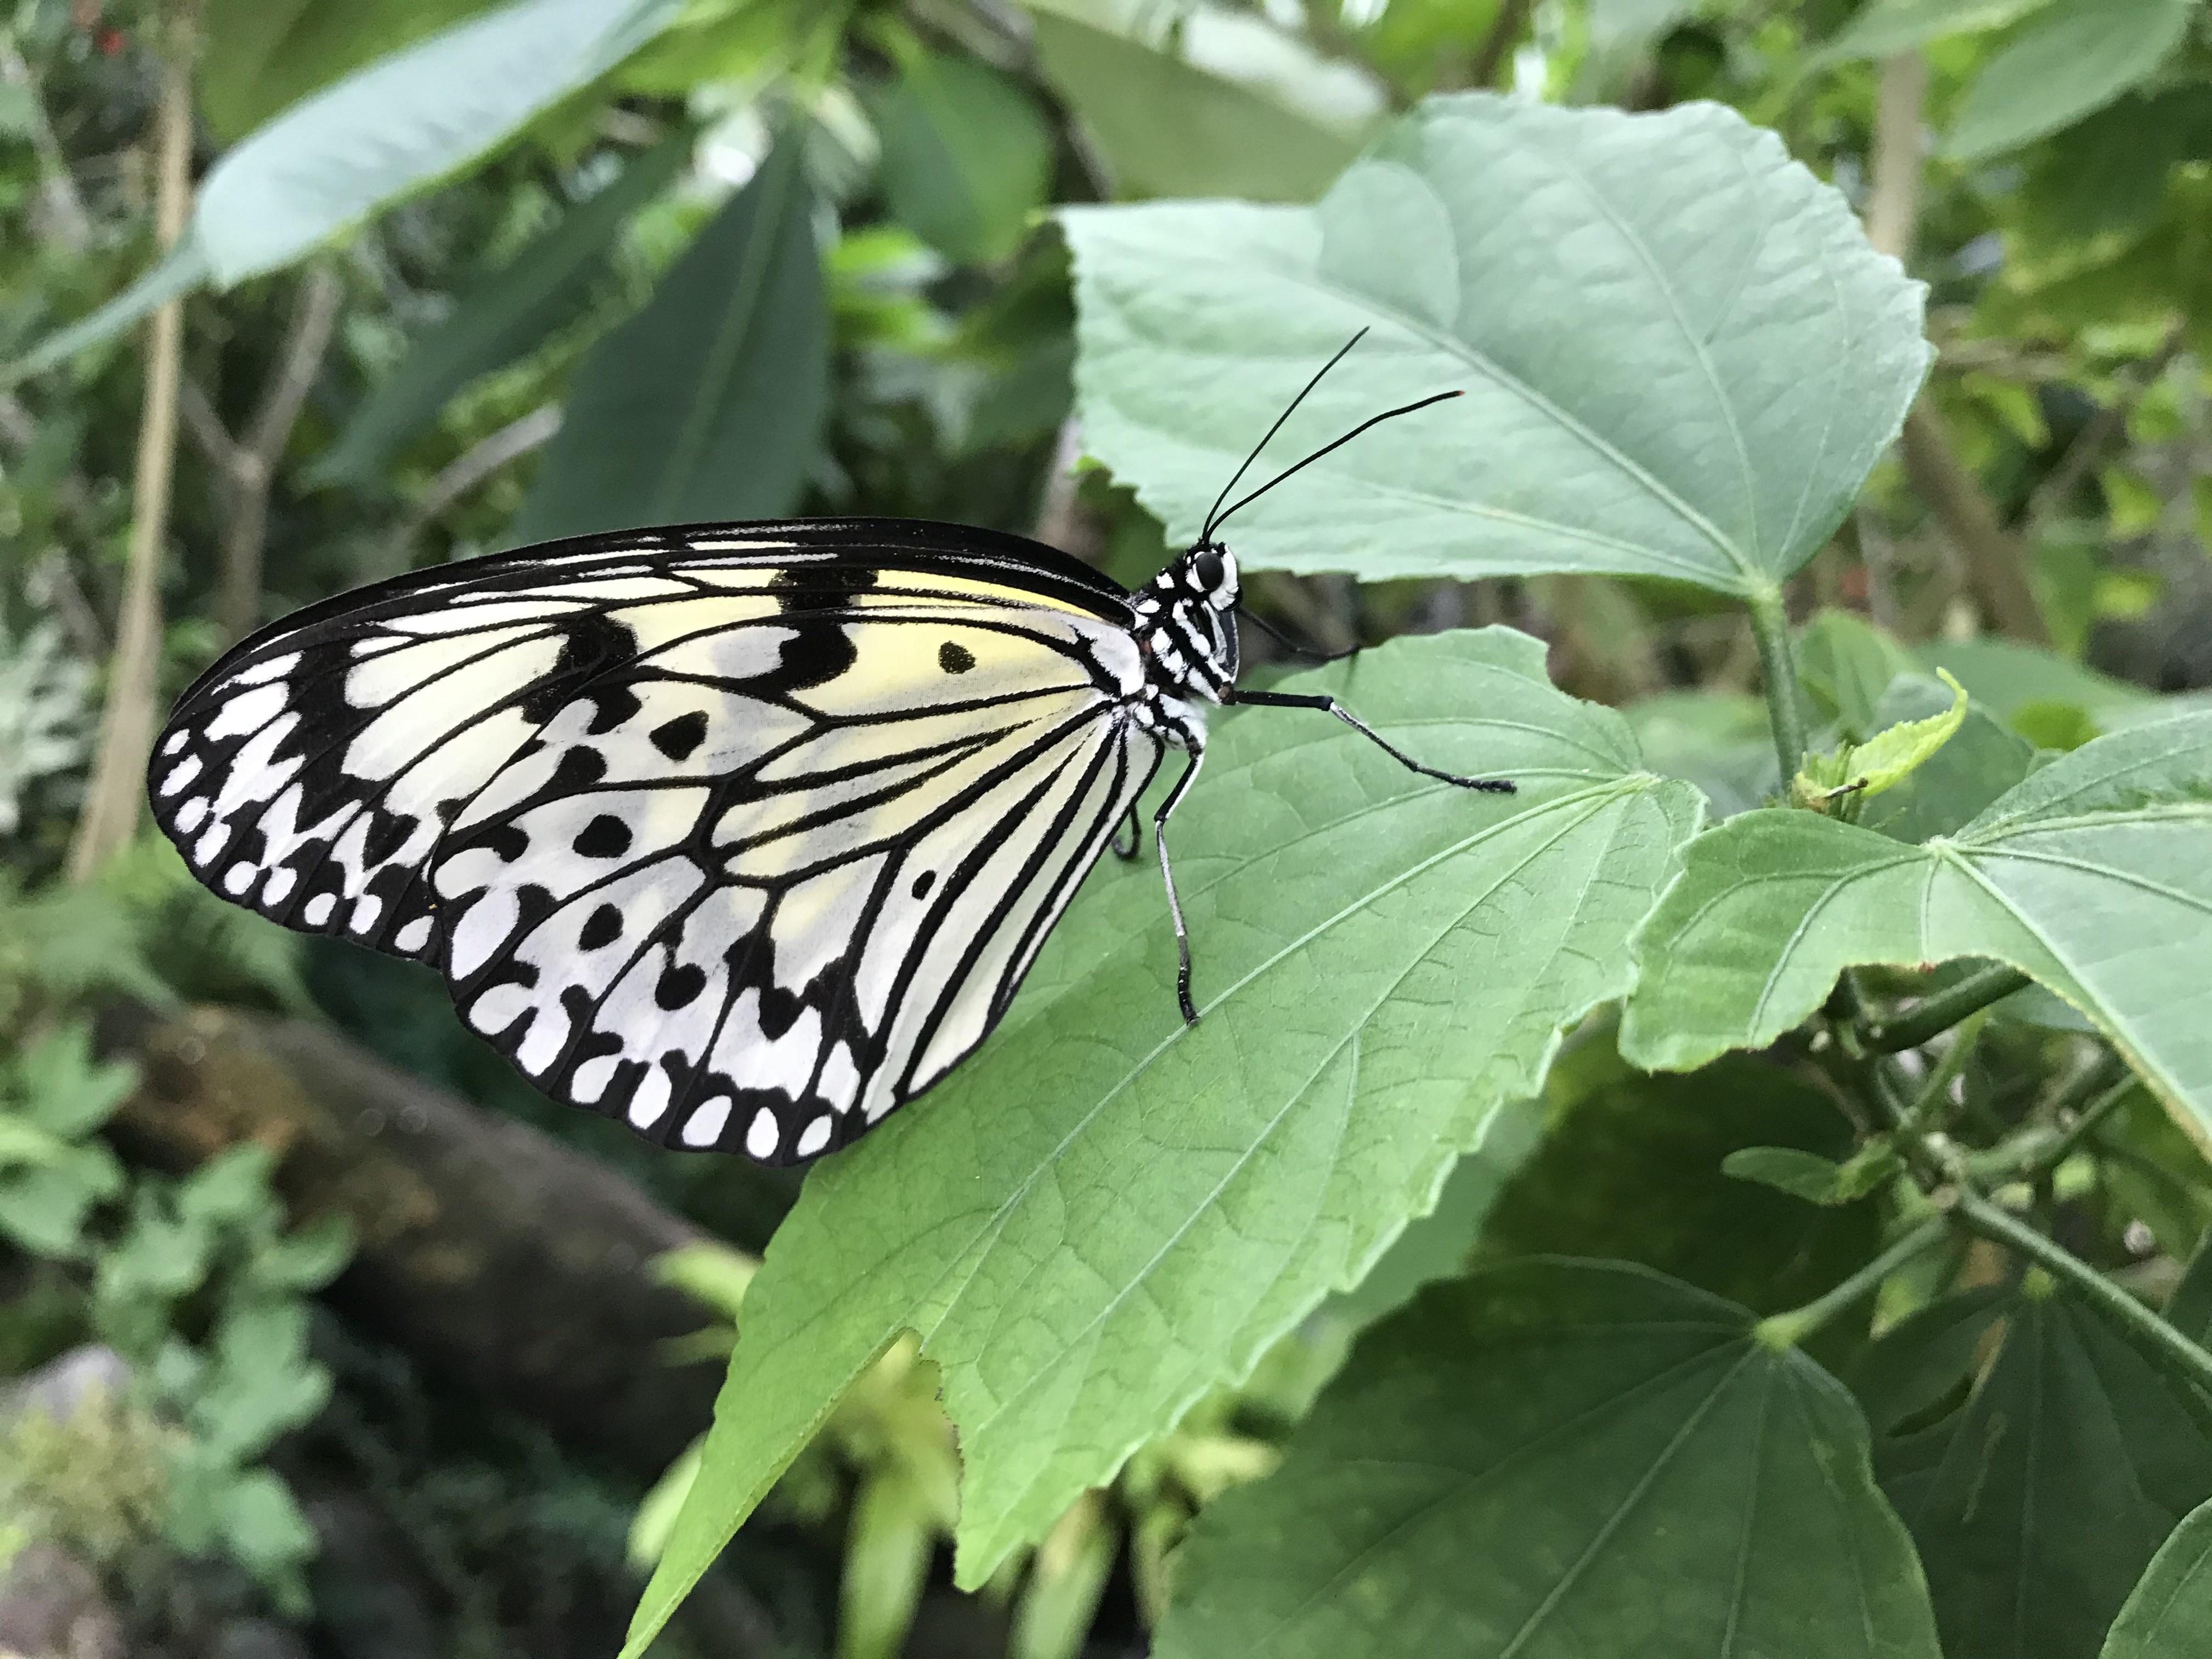 伊丹市 昆虫博物館 蝶々 写真